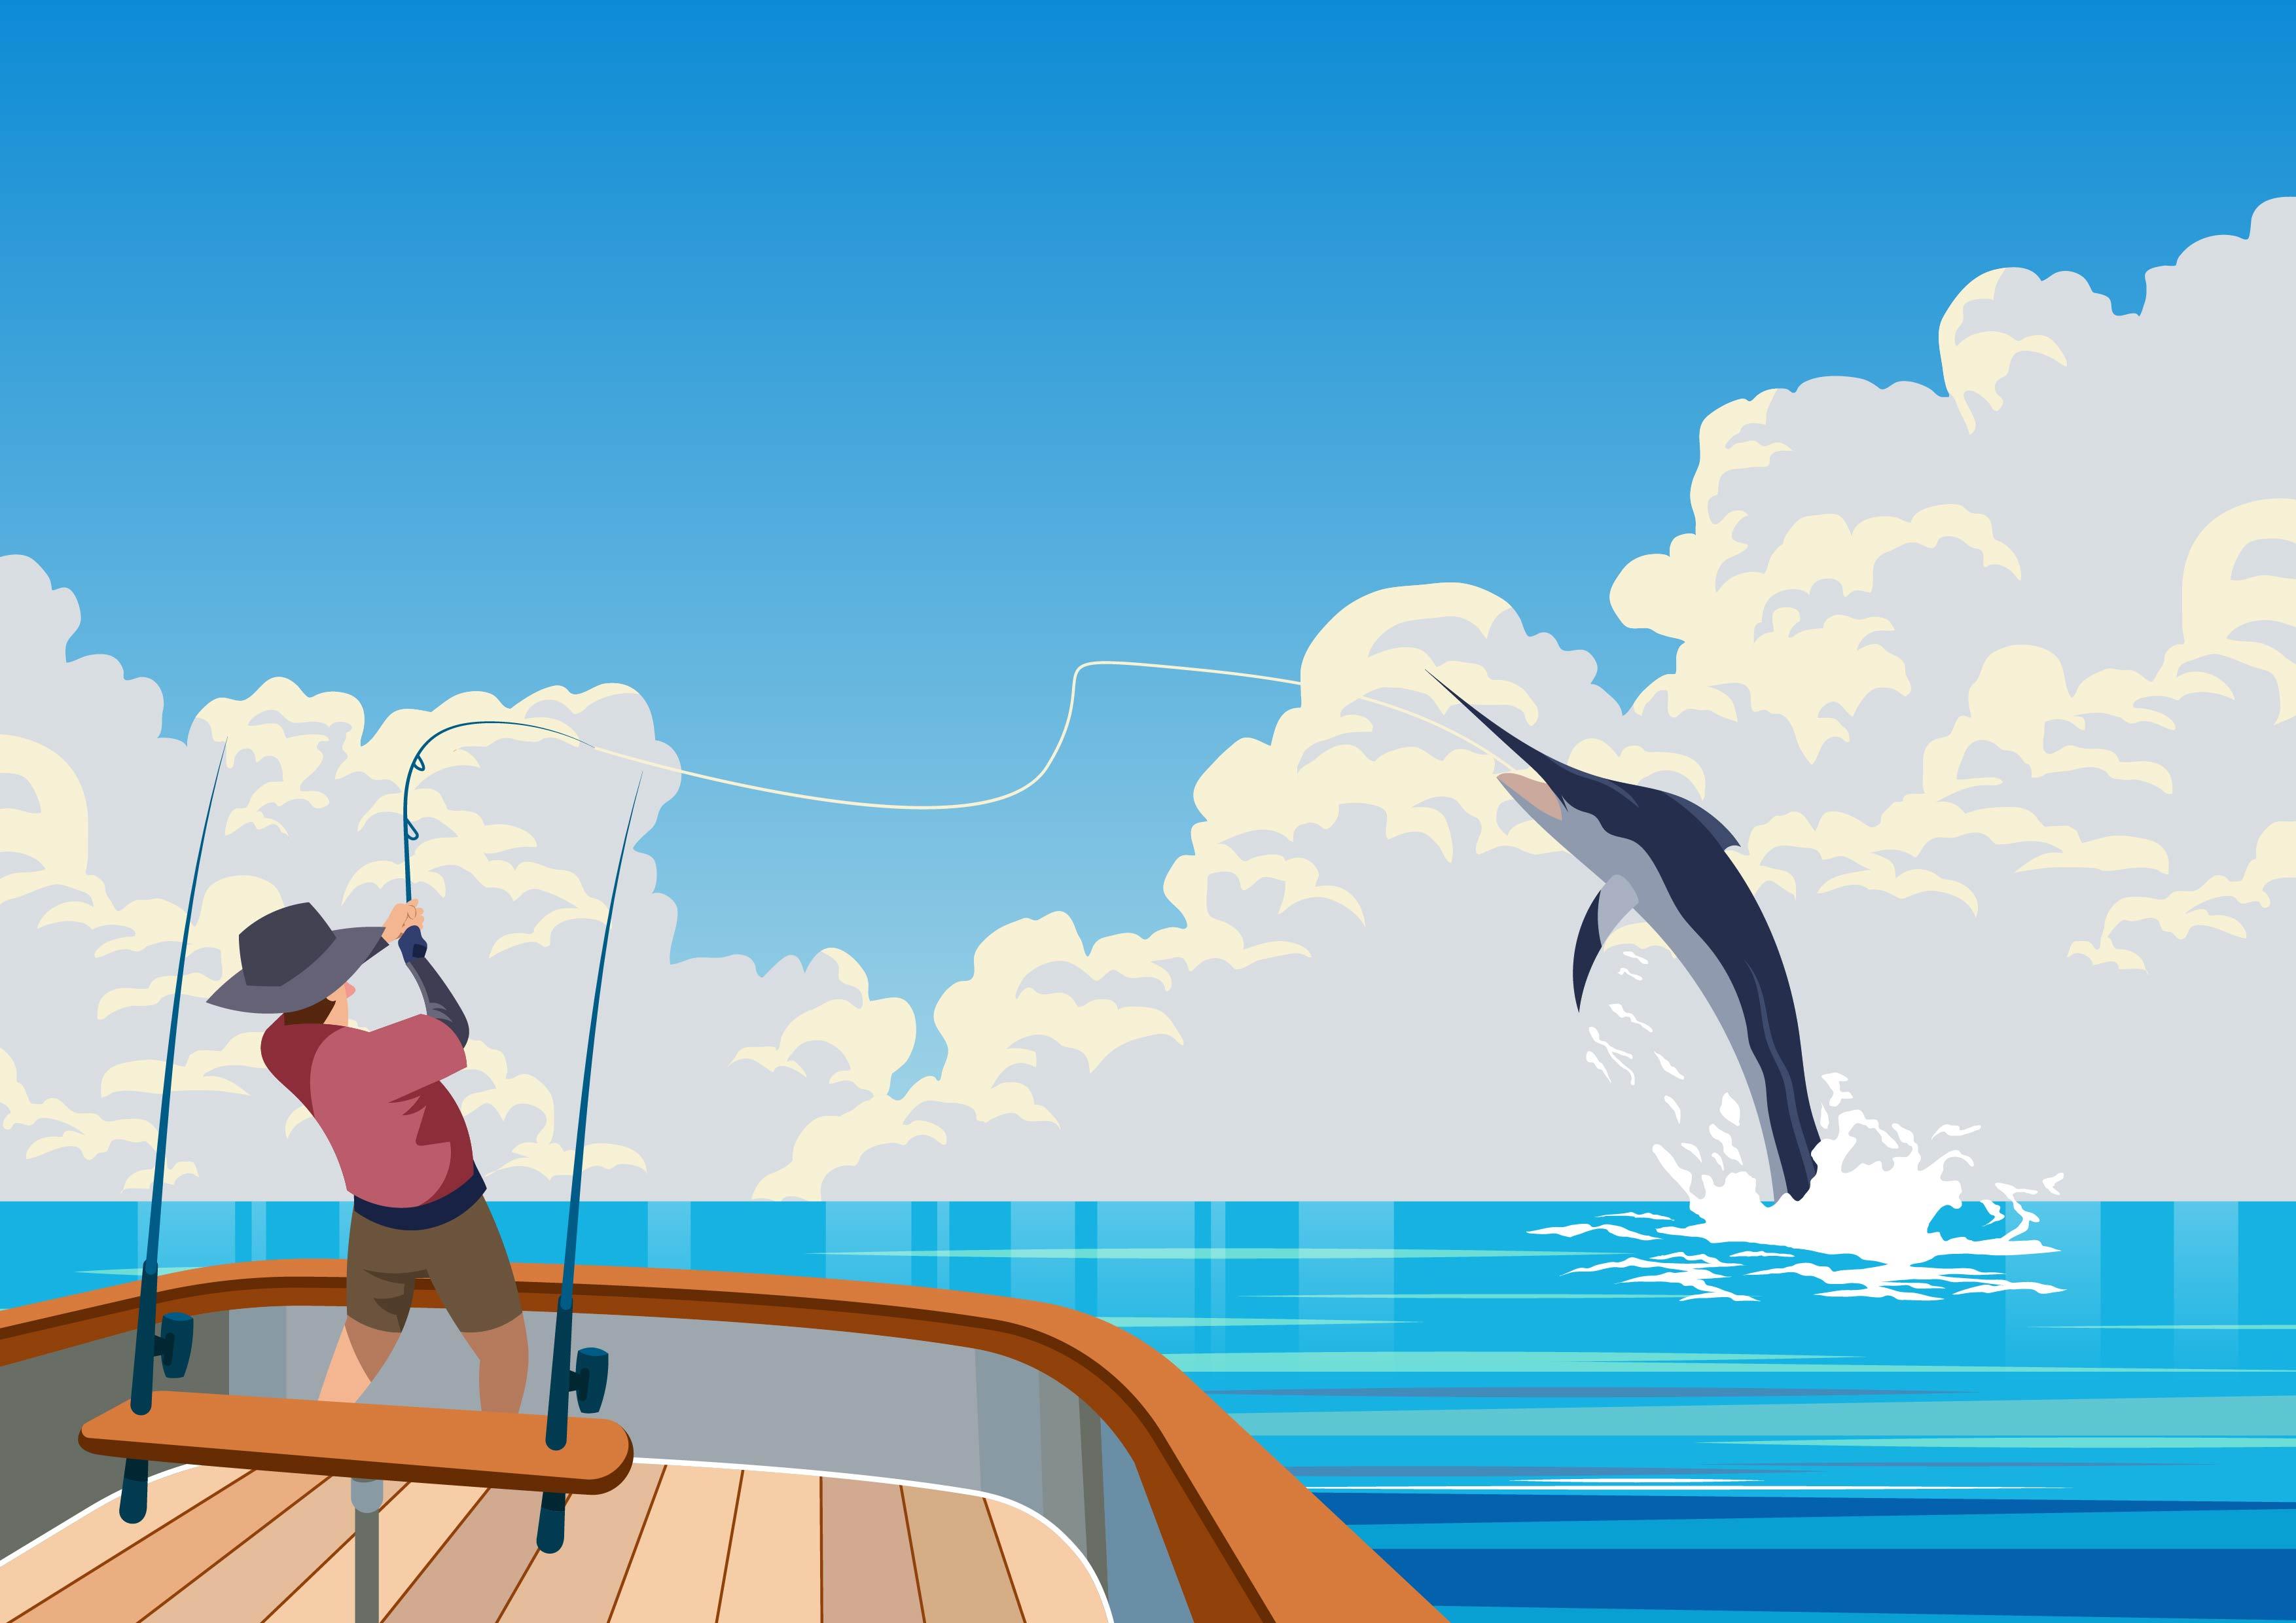 Deep Sea Fishing - Download Free Vectors, Clipart Graphics ... (3508 x 2480 Pixel)